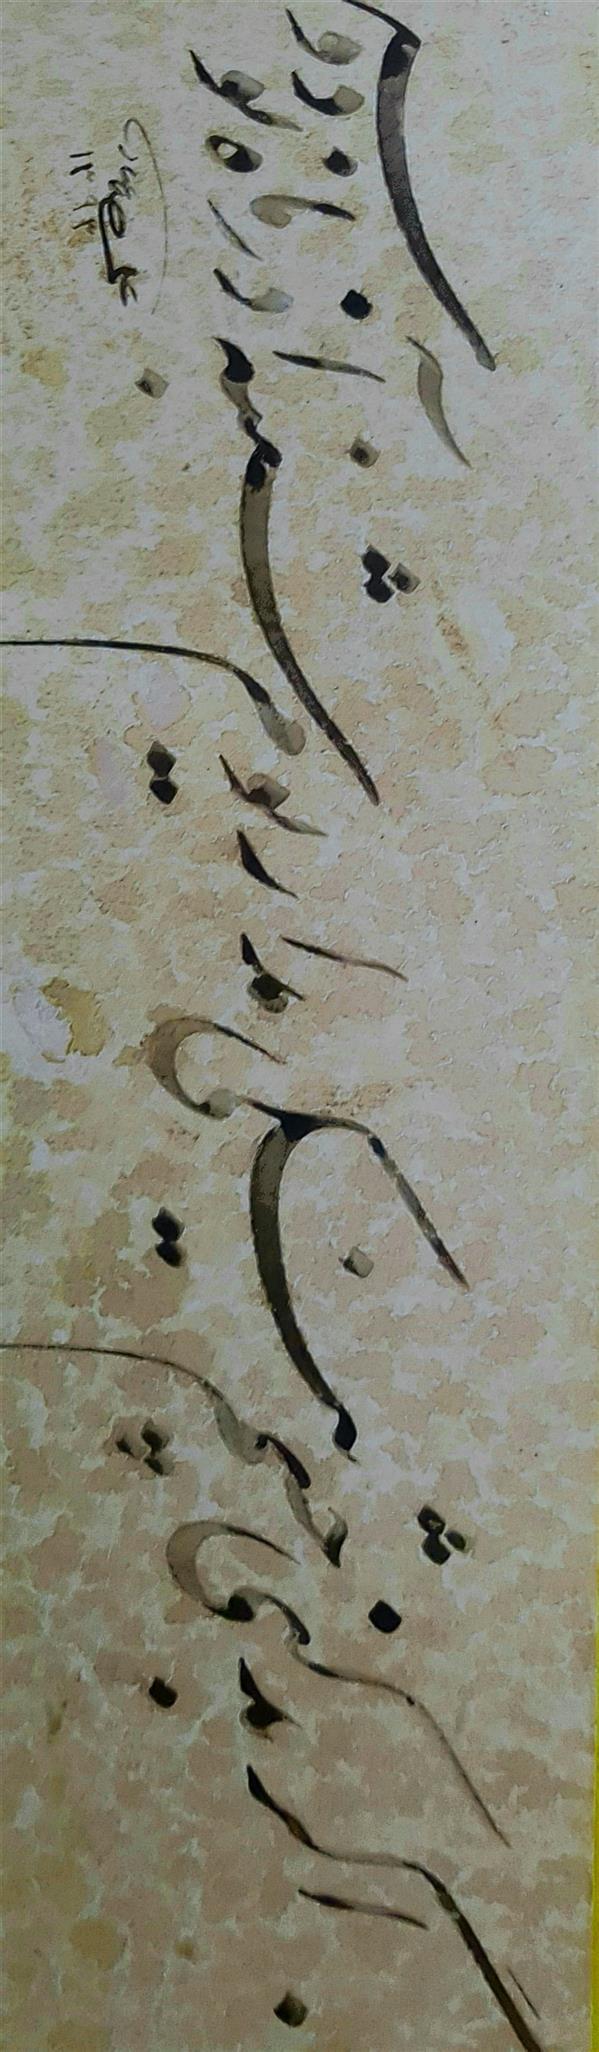 هنر خوشنویسی محفل خوشنویسی علیرضاعبادی